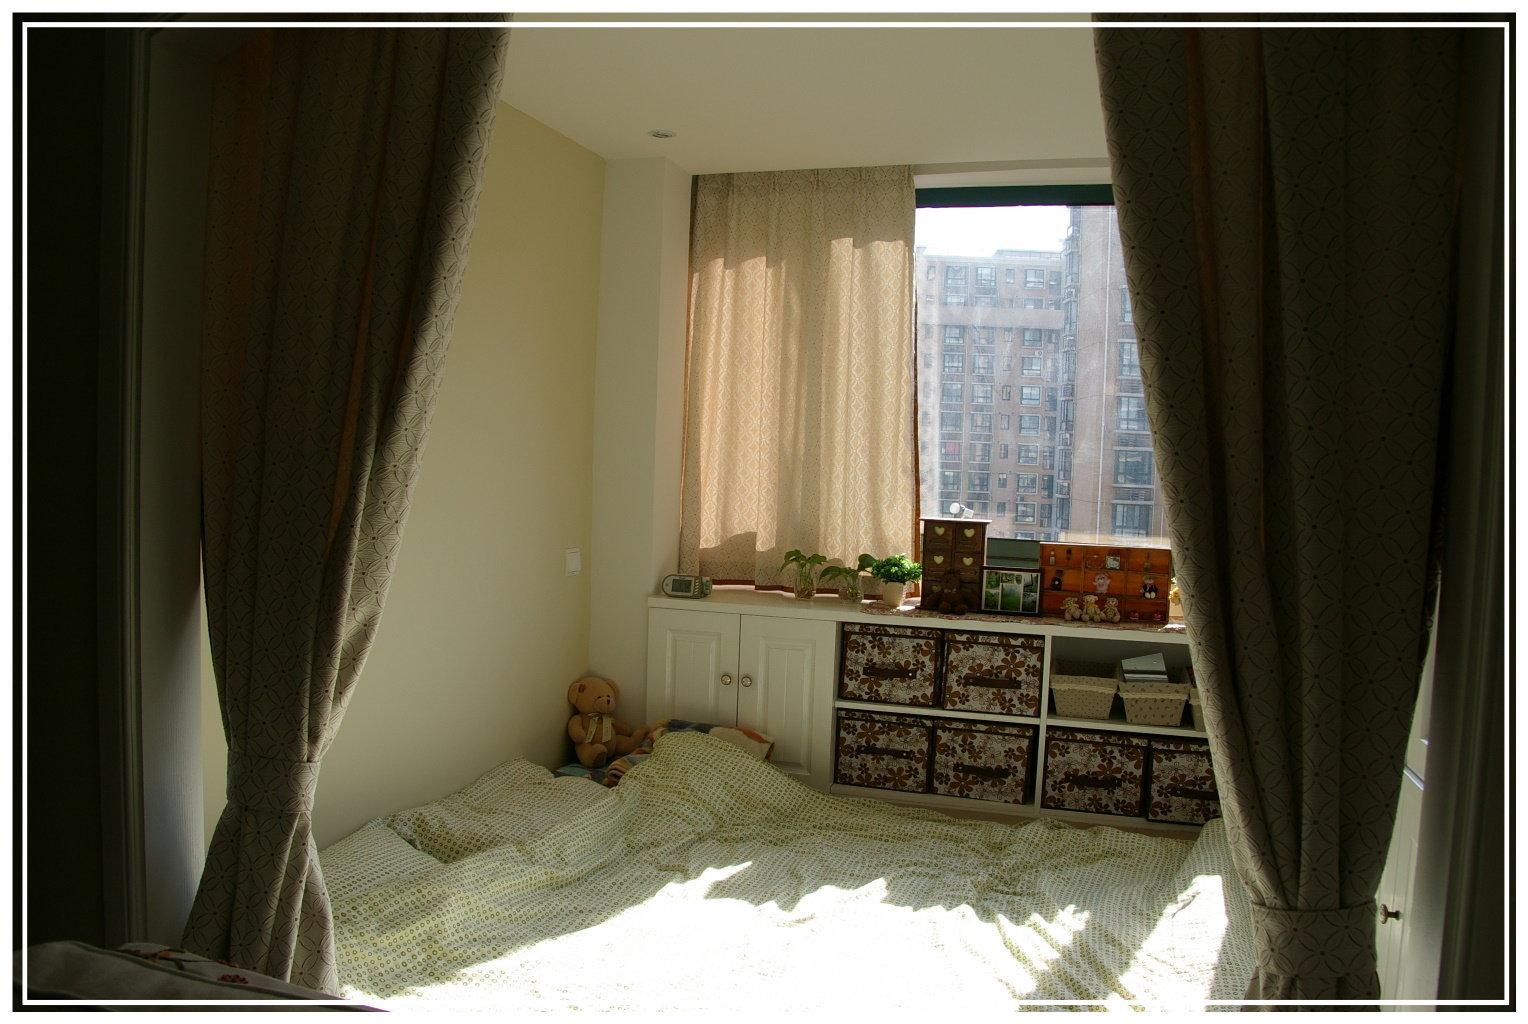 美式装修效果图:阳台华丽变身卧室 75平美式温馨家